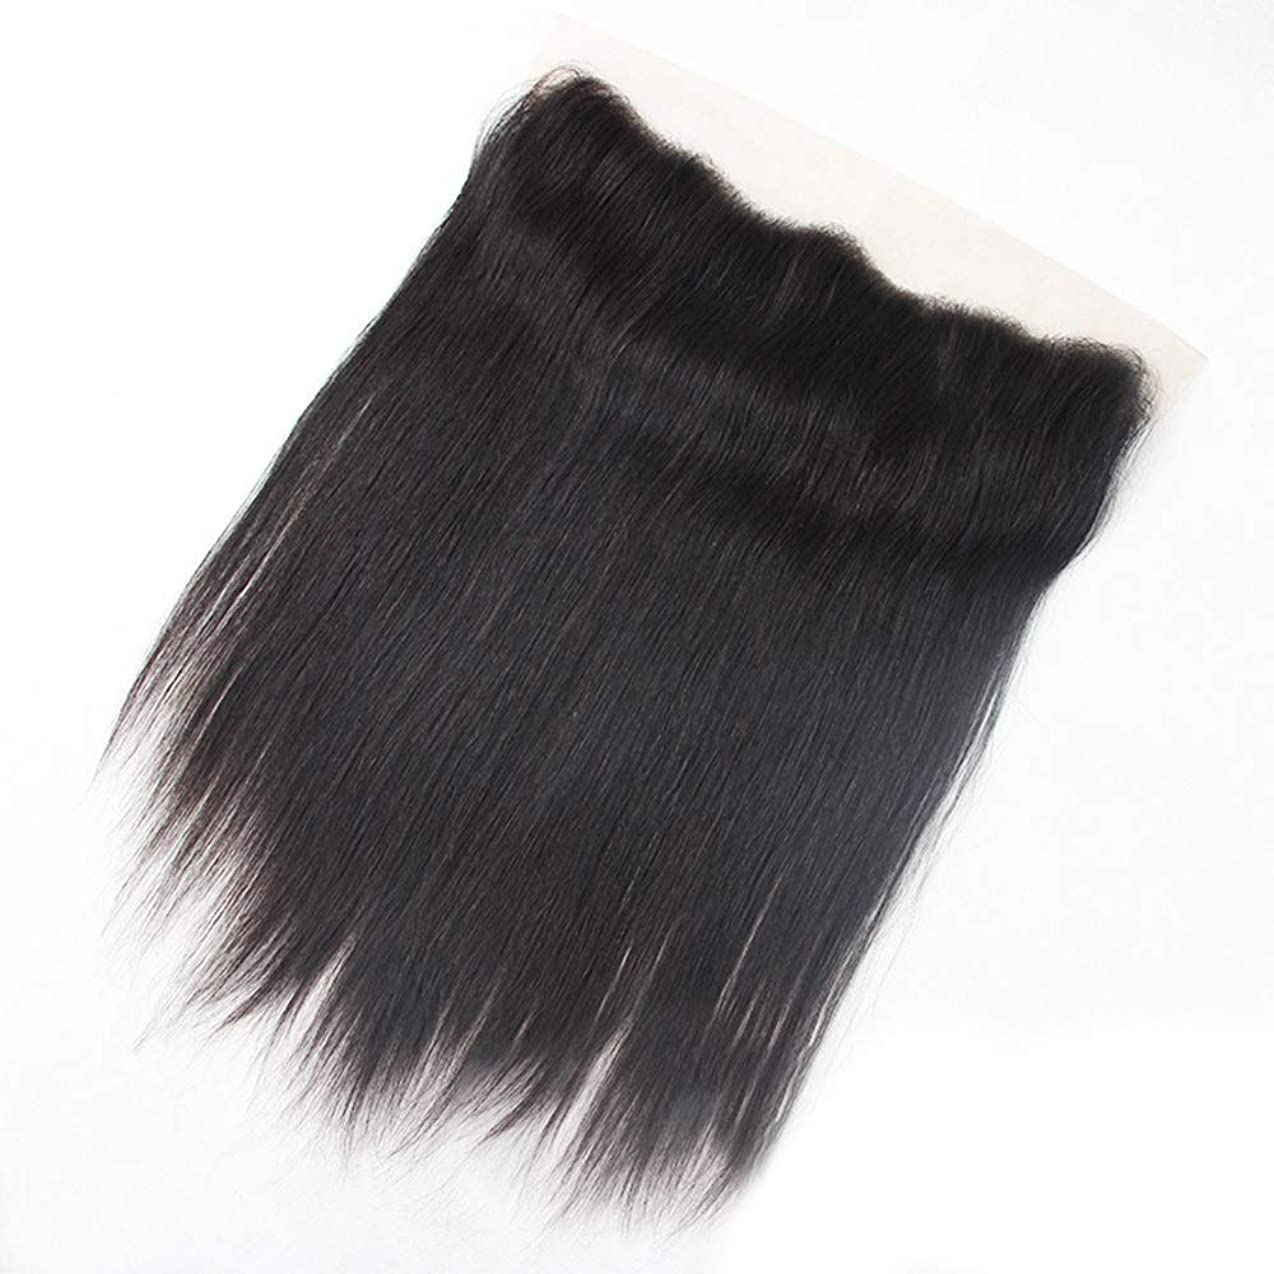 縮約の量敵対的HOHYLLYA 女性の人間の髪の毛ストレート13x4レース前頭閉鎖ナチュラルカラー8インチ-20インチロングストレートヘアウィッグ (Color : ブラック, サイズ : 14 inch)